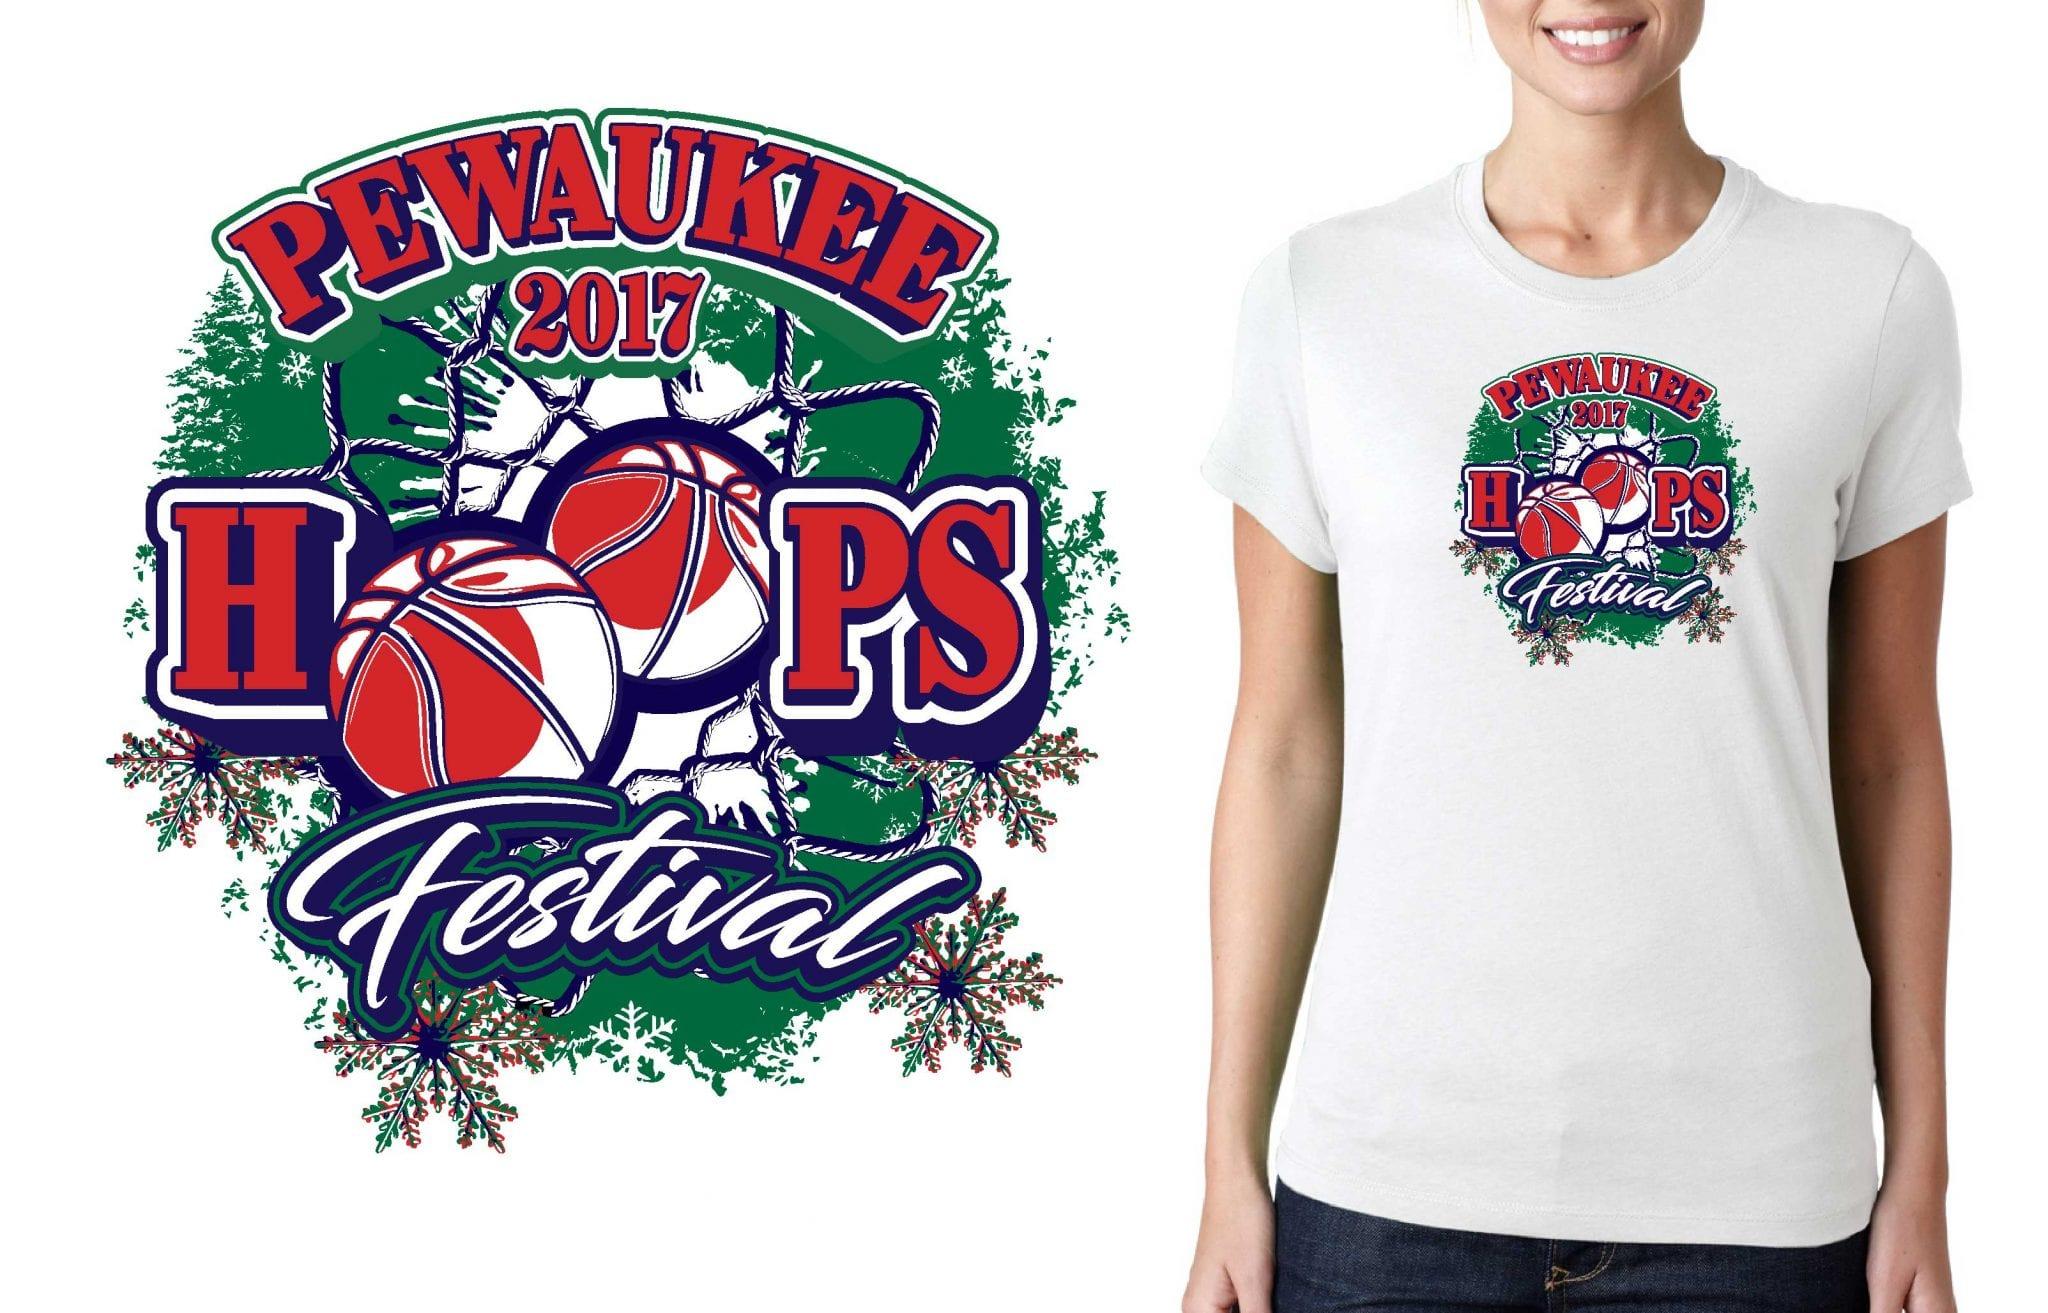 2017 Pewaukee Hoops Festival vector logo design for basketball t-shirt UrArtStudio